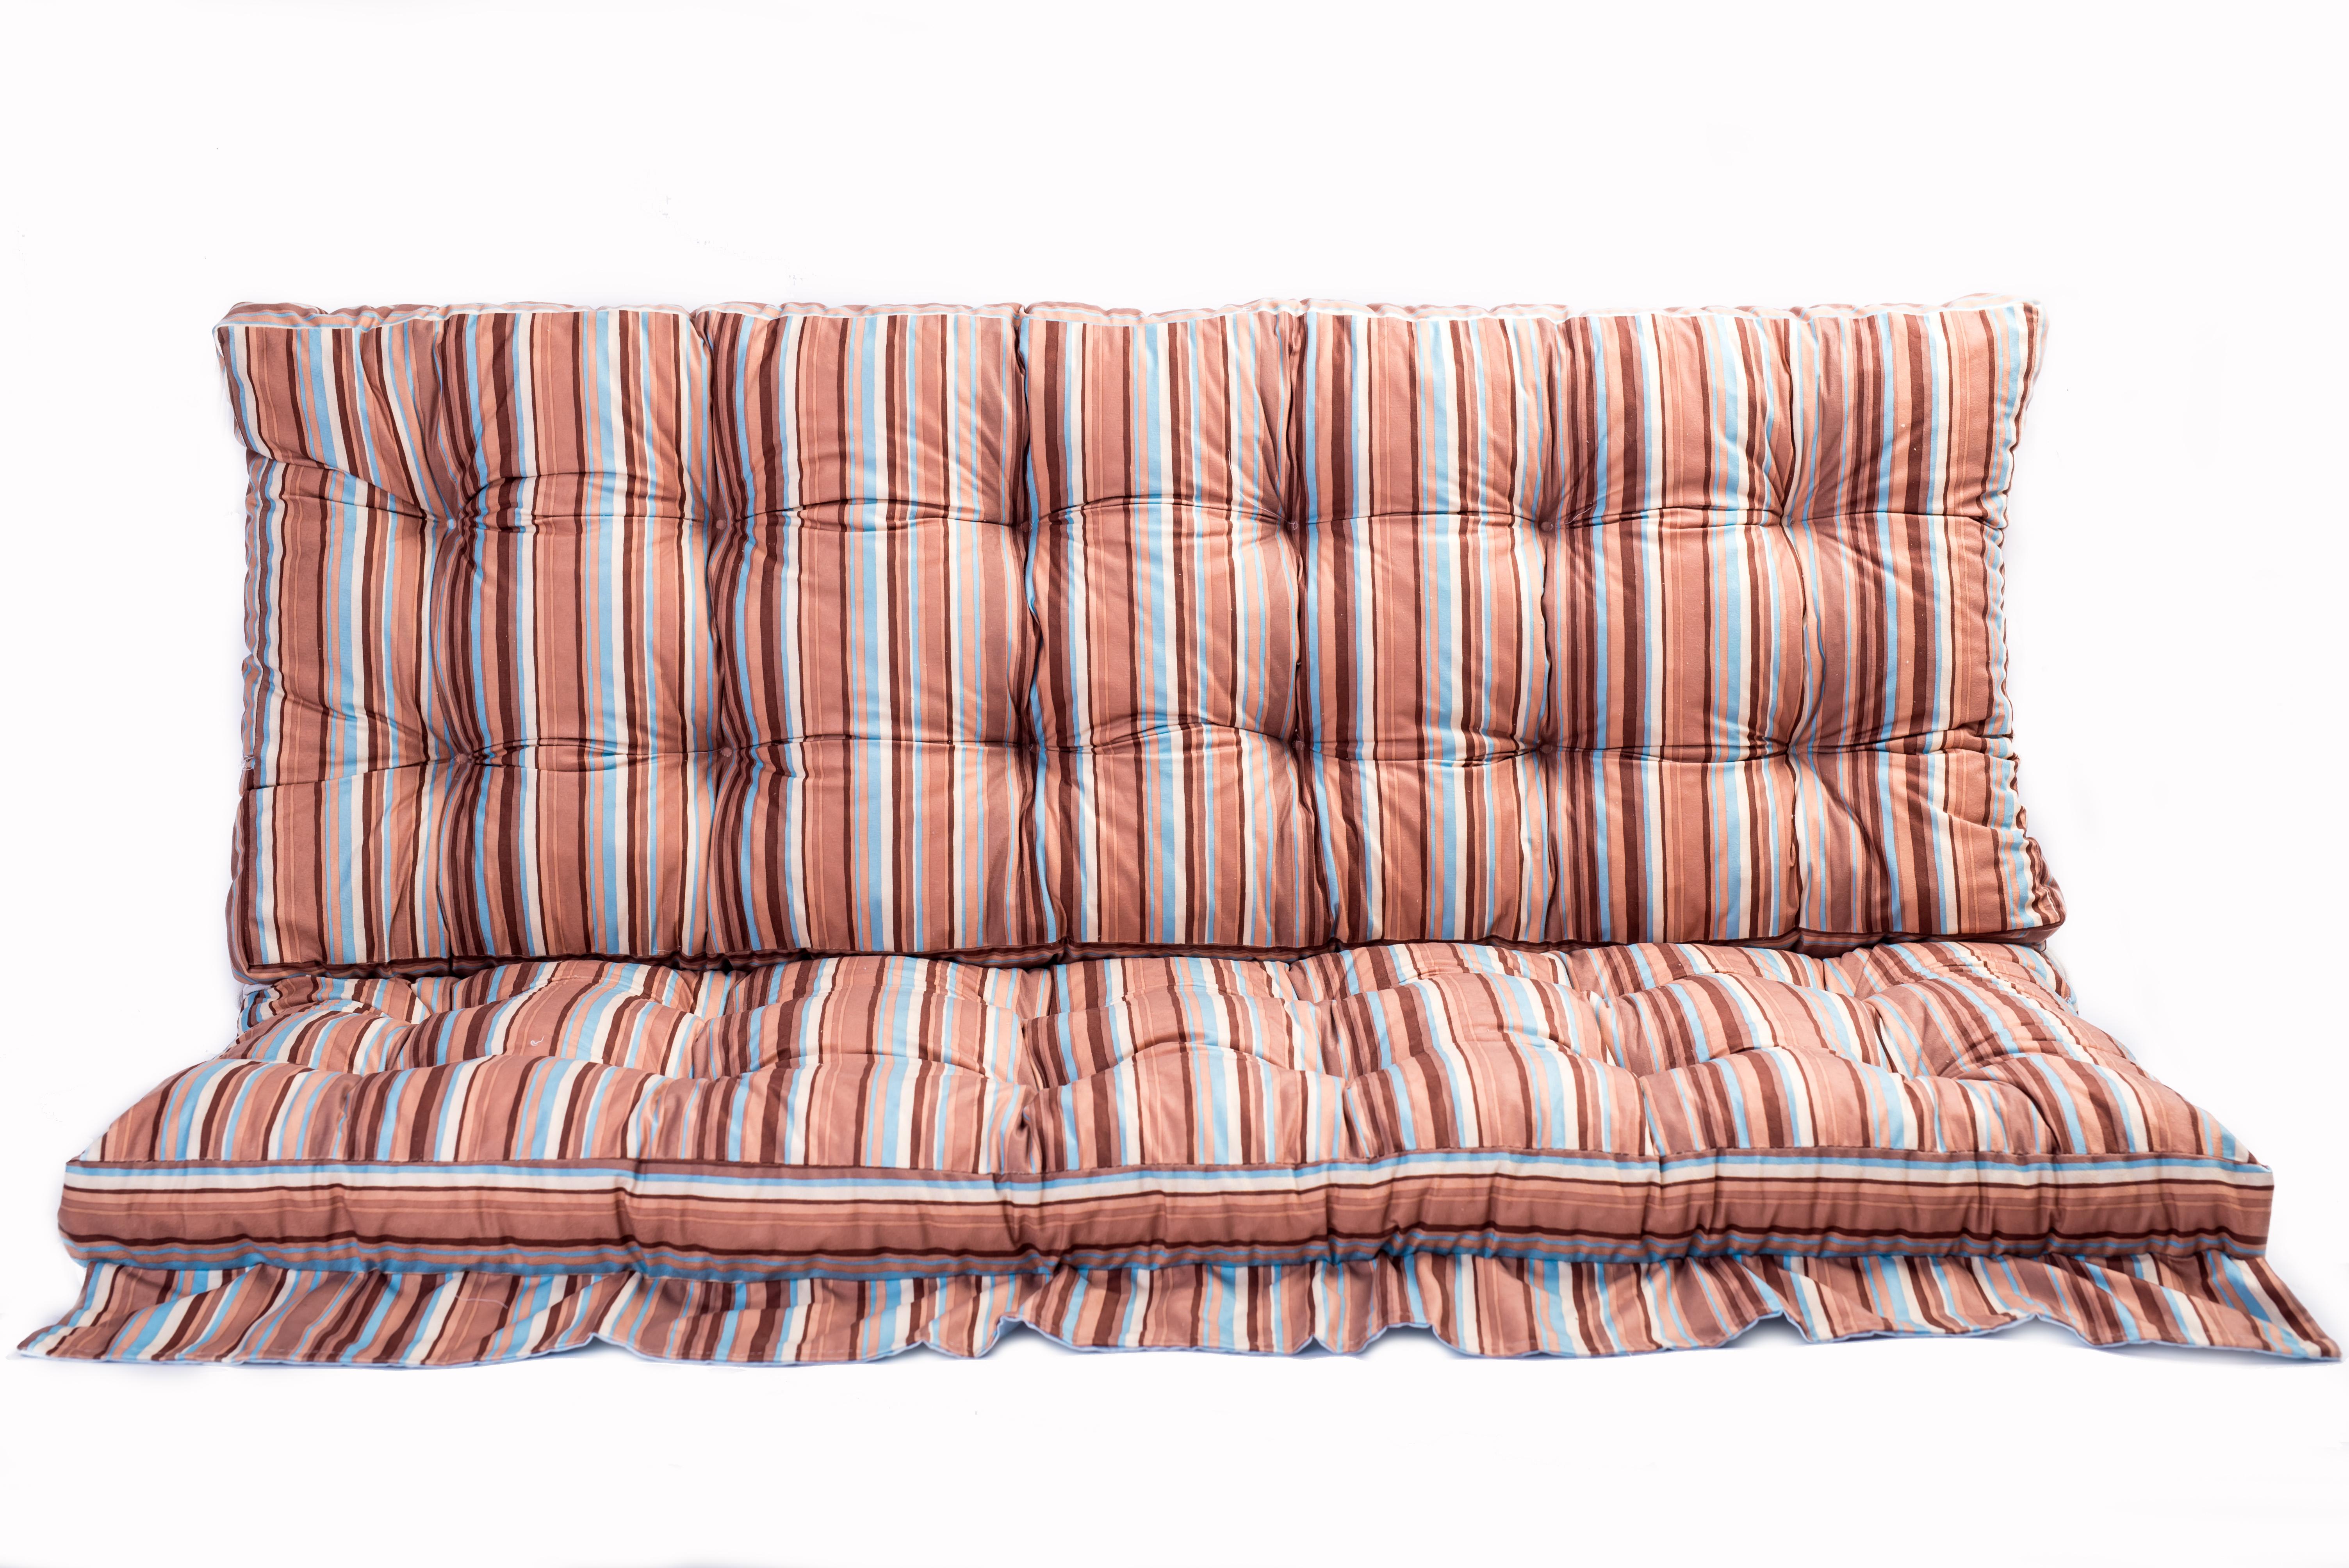 Poduszka Na Huśtawkę Ogrodową 14050 Cm Komplet Pasy Wąskie